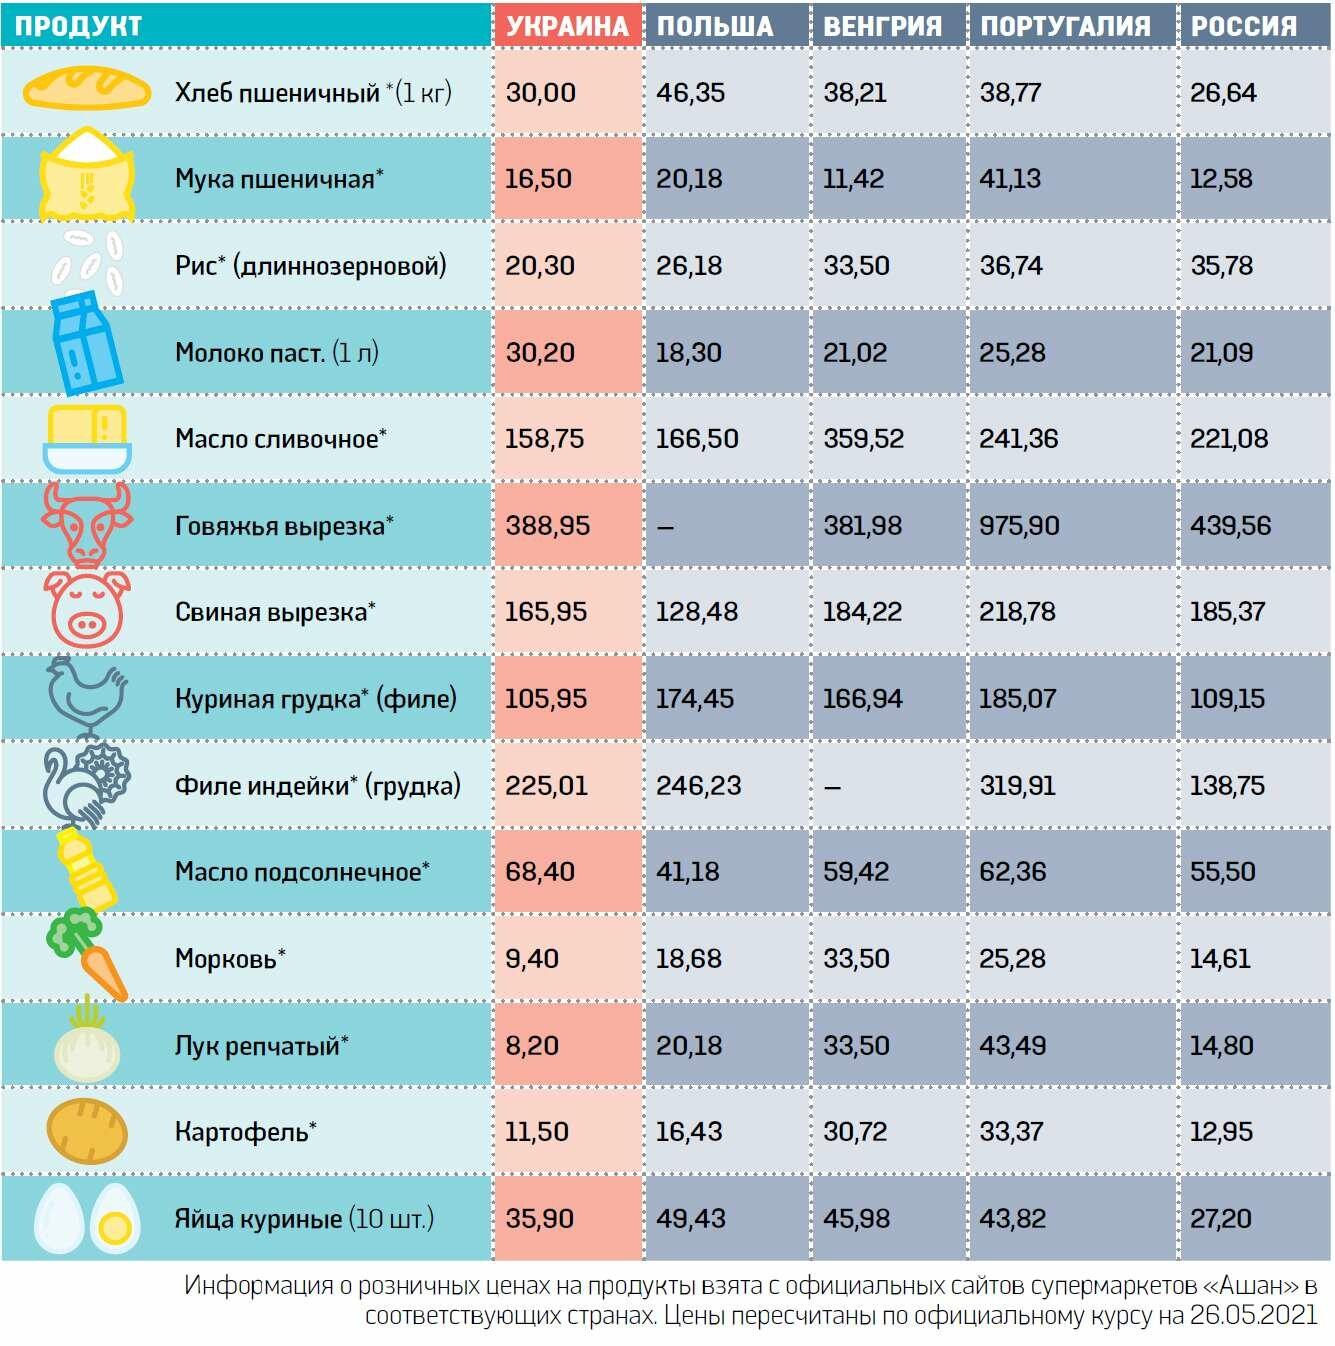 В Киеве дороже, чем в ЕС. Сравниваем цены на продукты в разных странах - фото 1